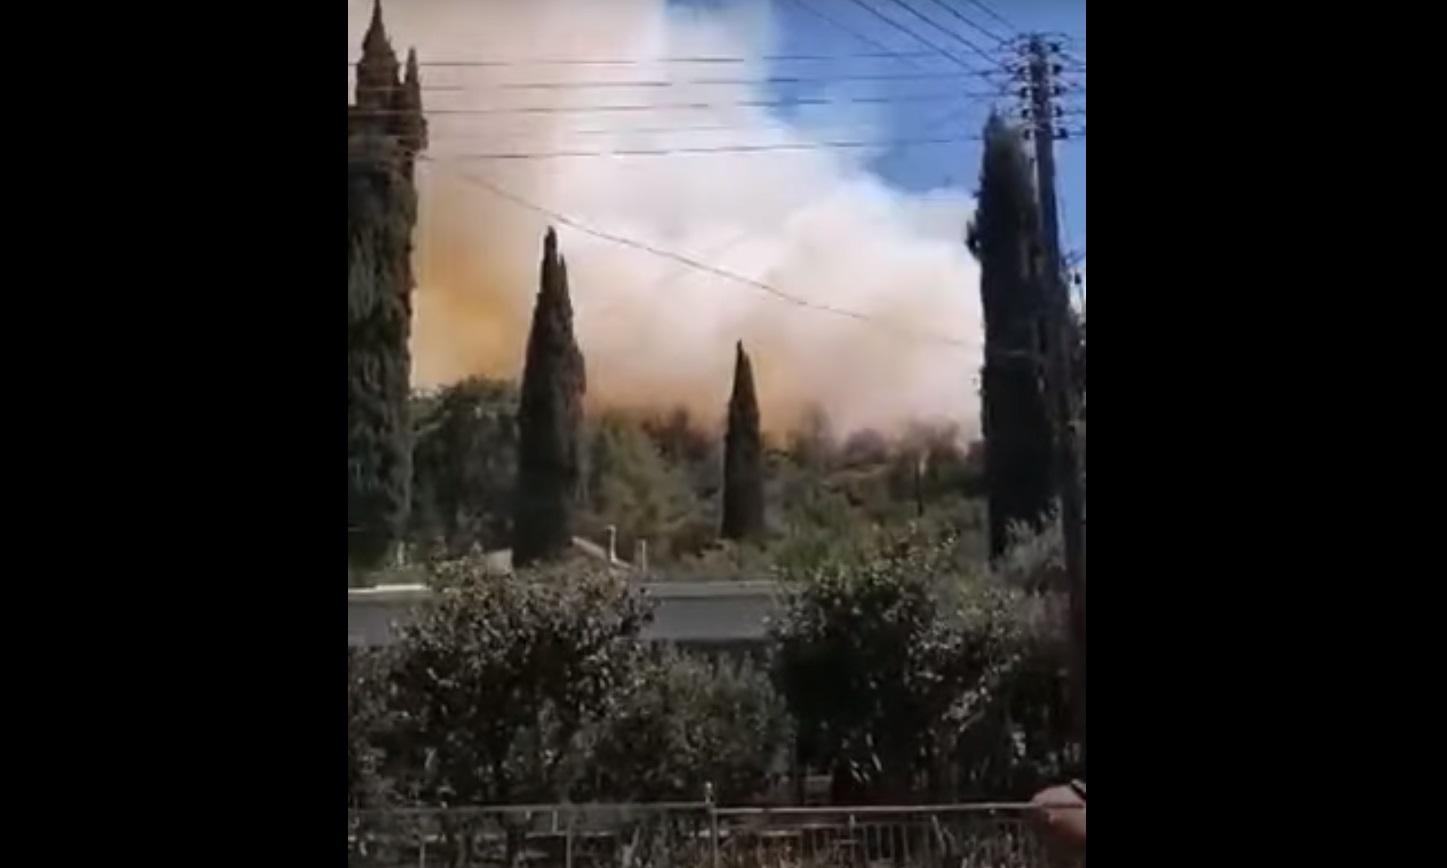 Κύπρος: Φωτιά στο Πέρα Πεδί Λεμεσού – Απειλήθηκαν σπίτια